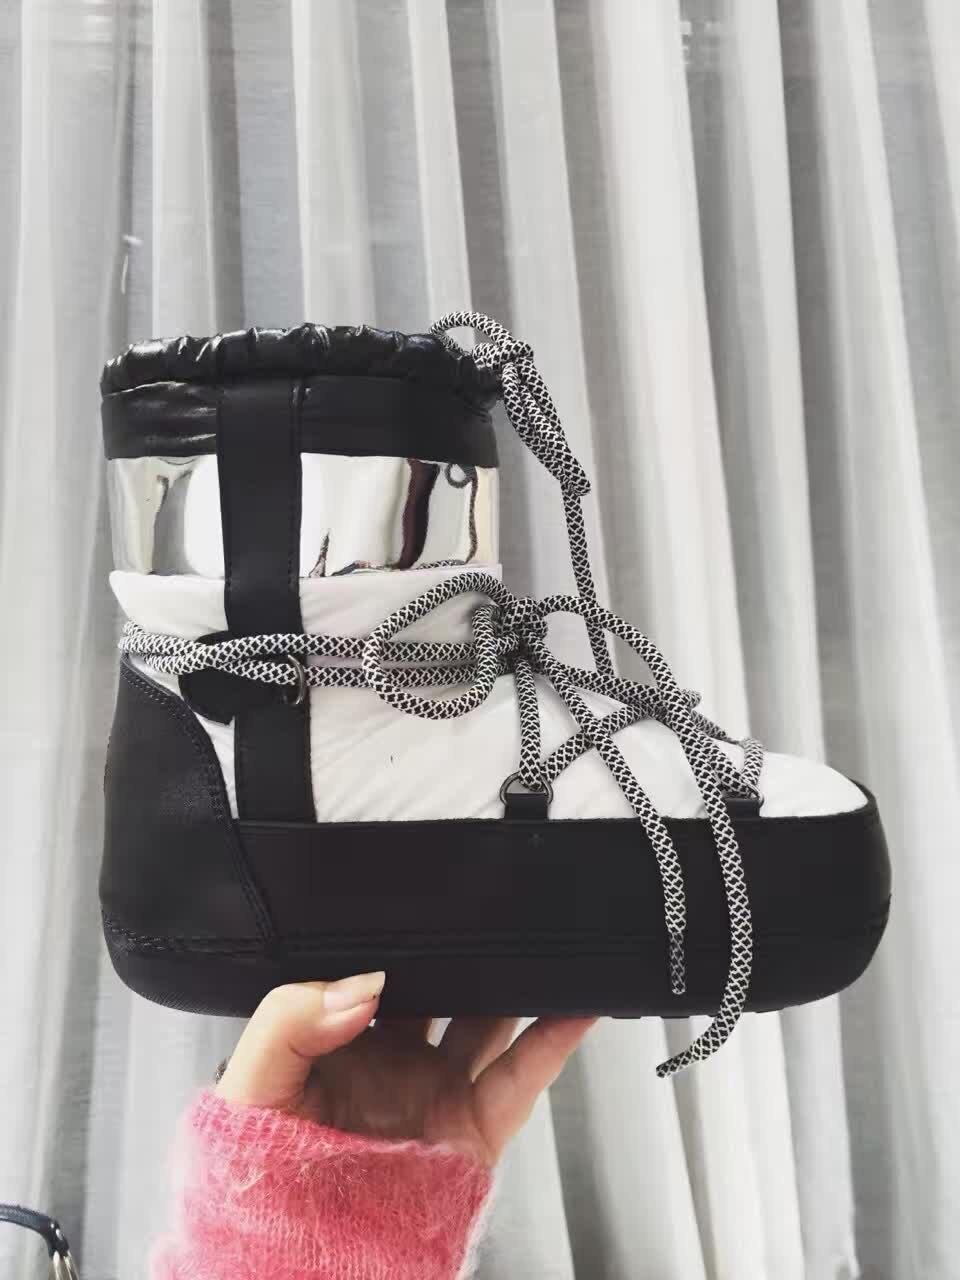 2016 Winter Snow Botte Waterproof Keep Warm Boots Plush Ankle Botte Laarzen Platte Hak Lady Dress Boots High Women <br><br>Aliexpress